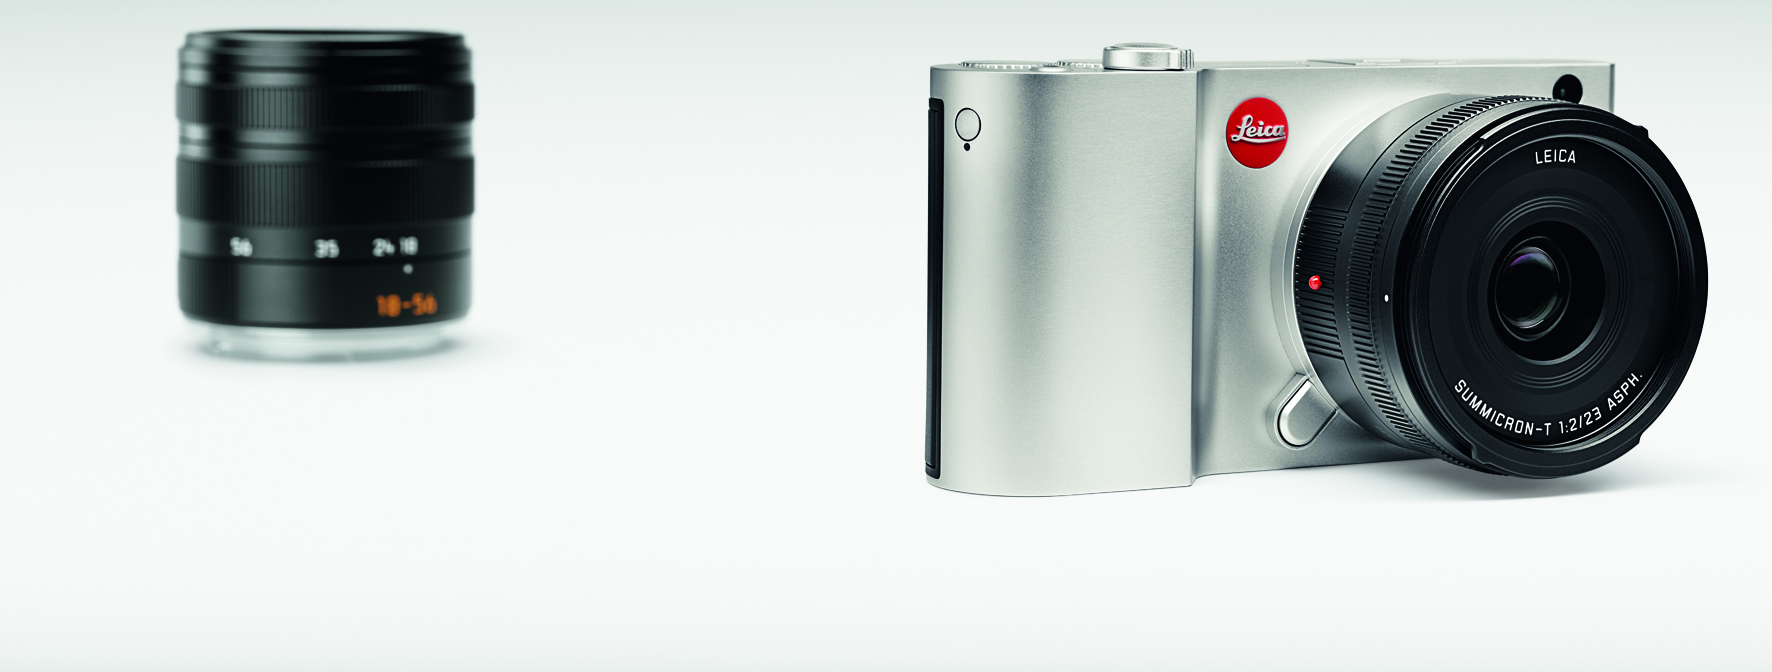 Leica T_silver_teaser_1.jpg